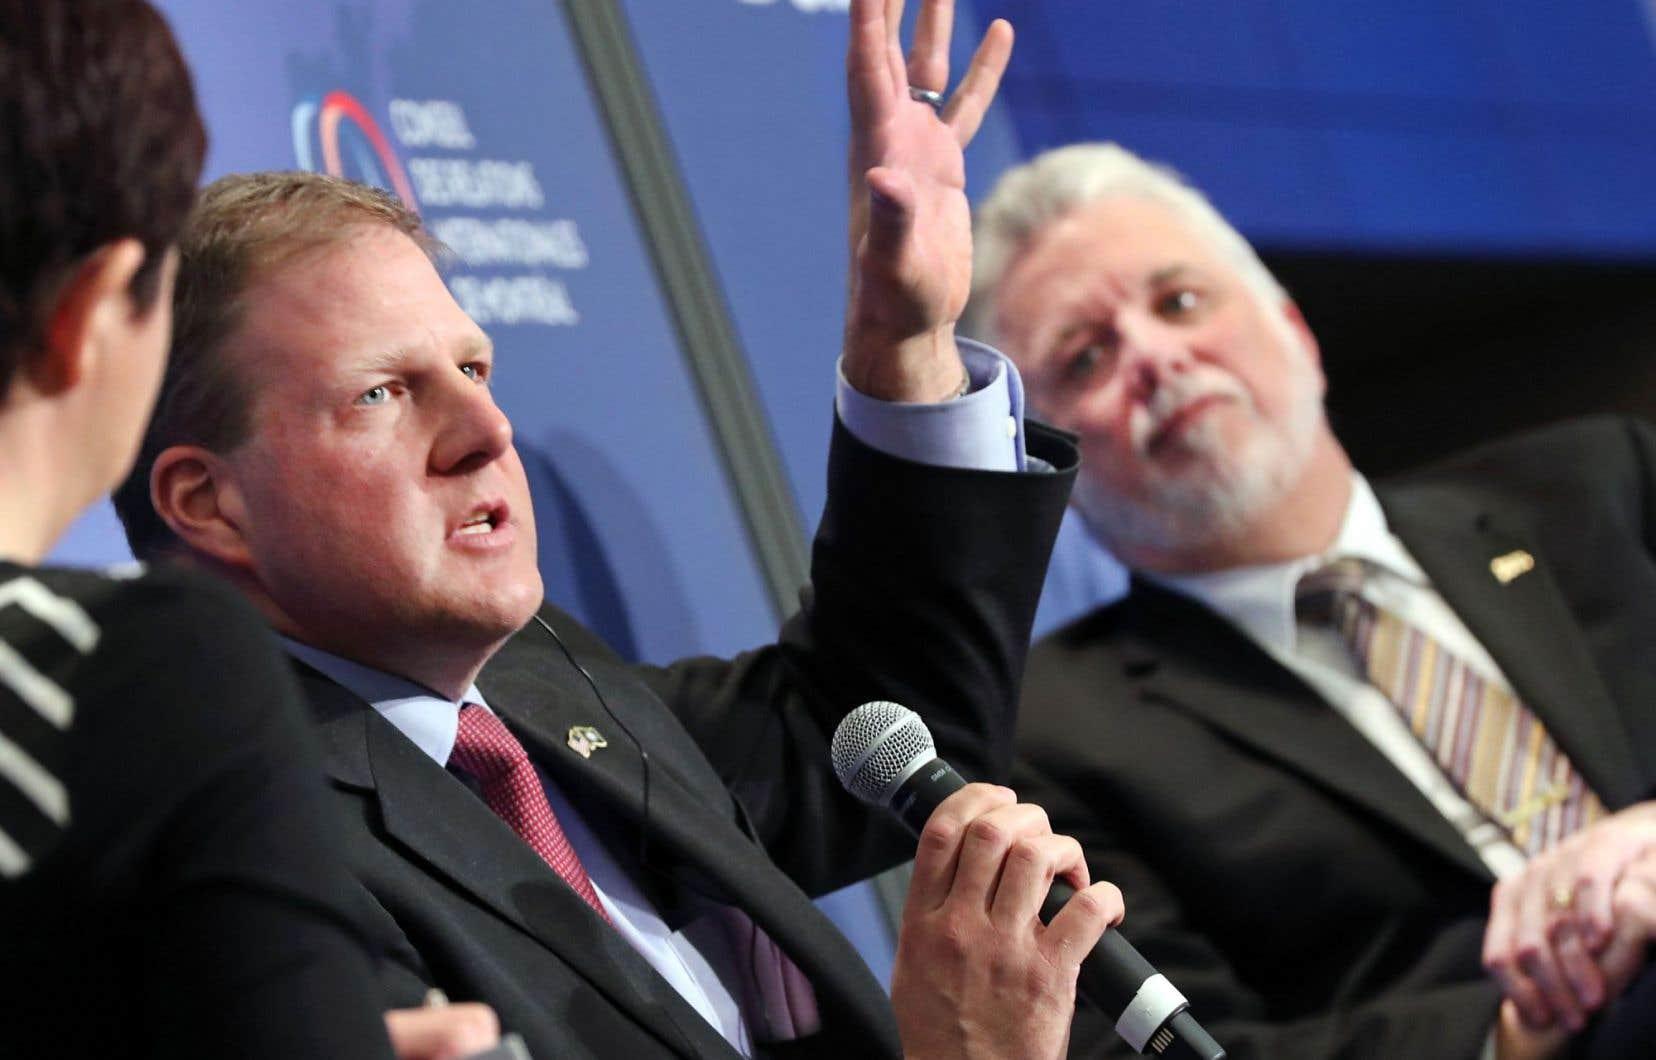 Le gouverneur du New Hampshire, Chris Sununu, s'est fait rassurant. À l'arrière-plan, Philippe Couillard, premier ministre du Québec.